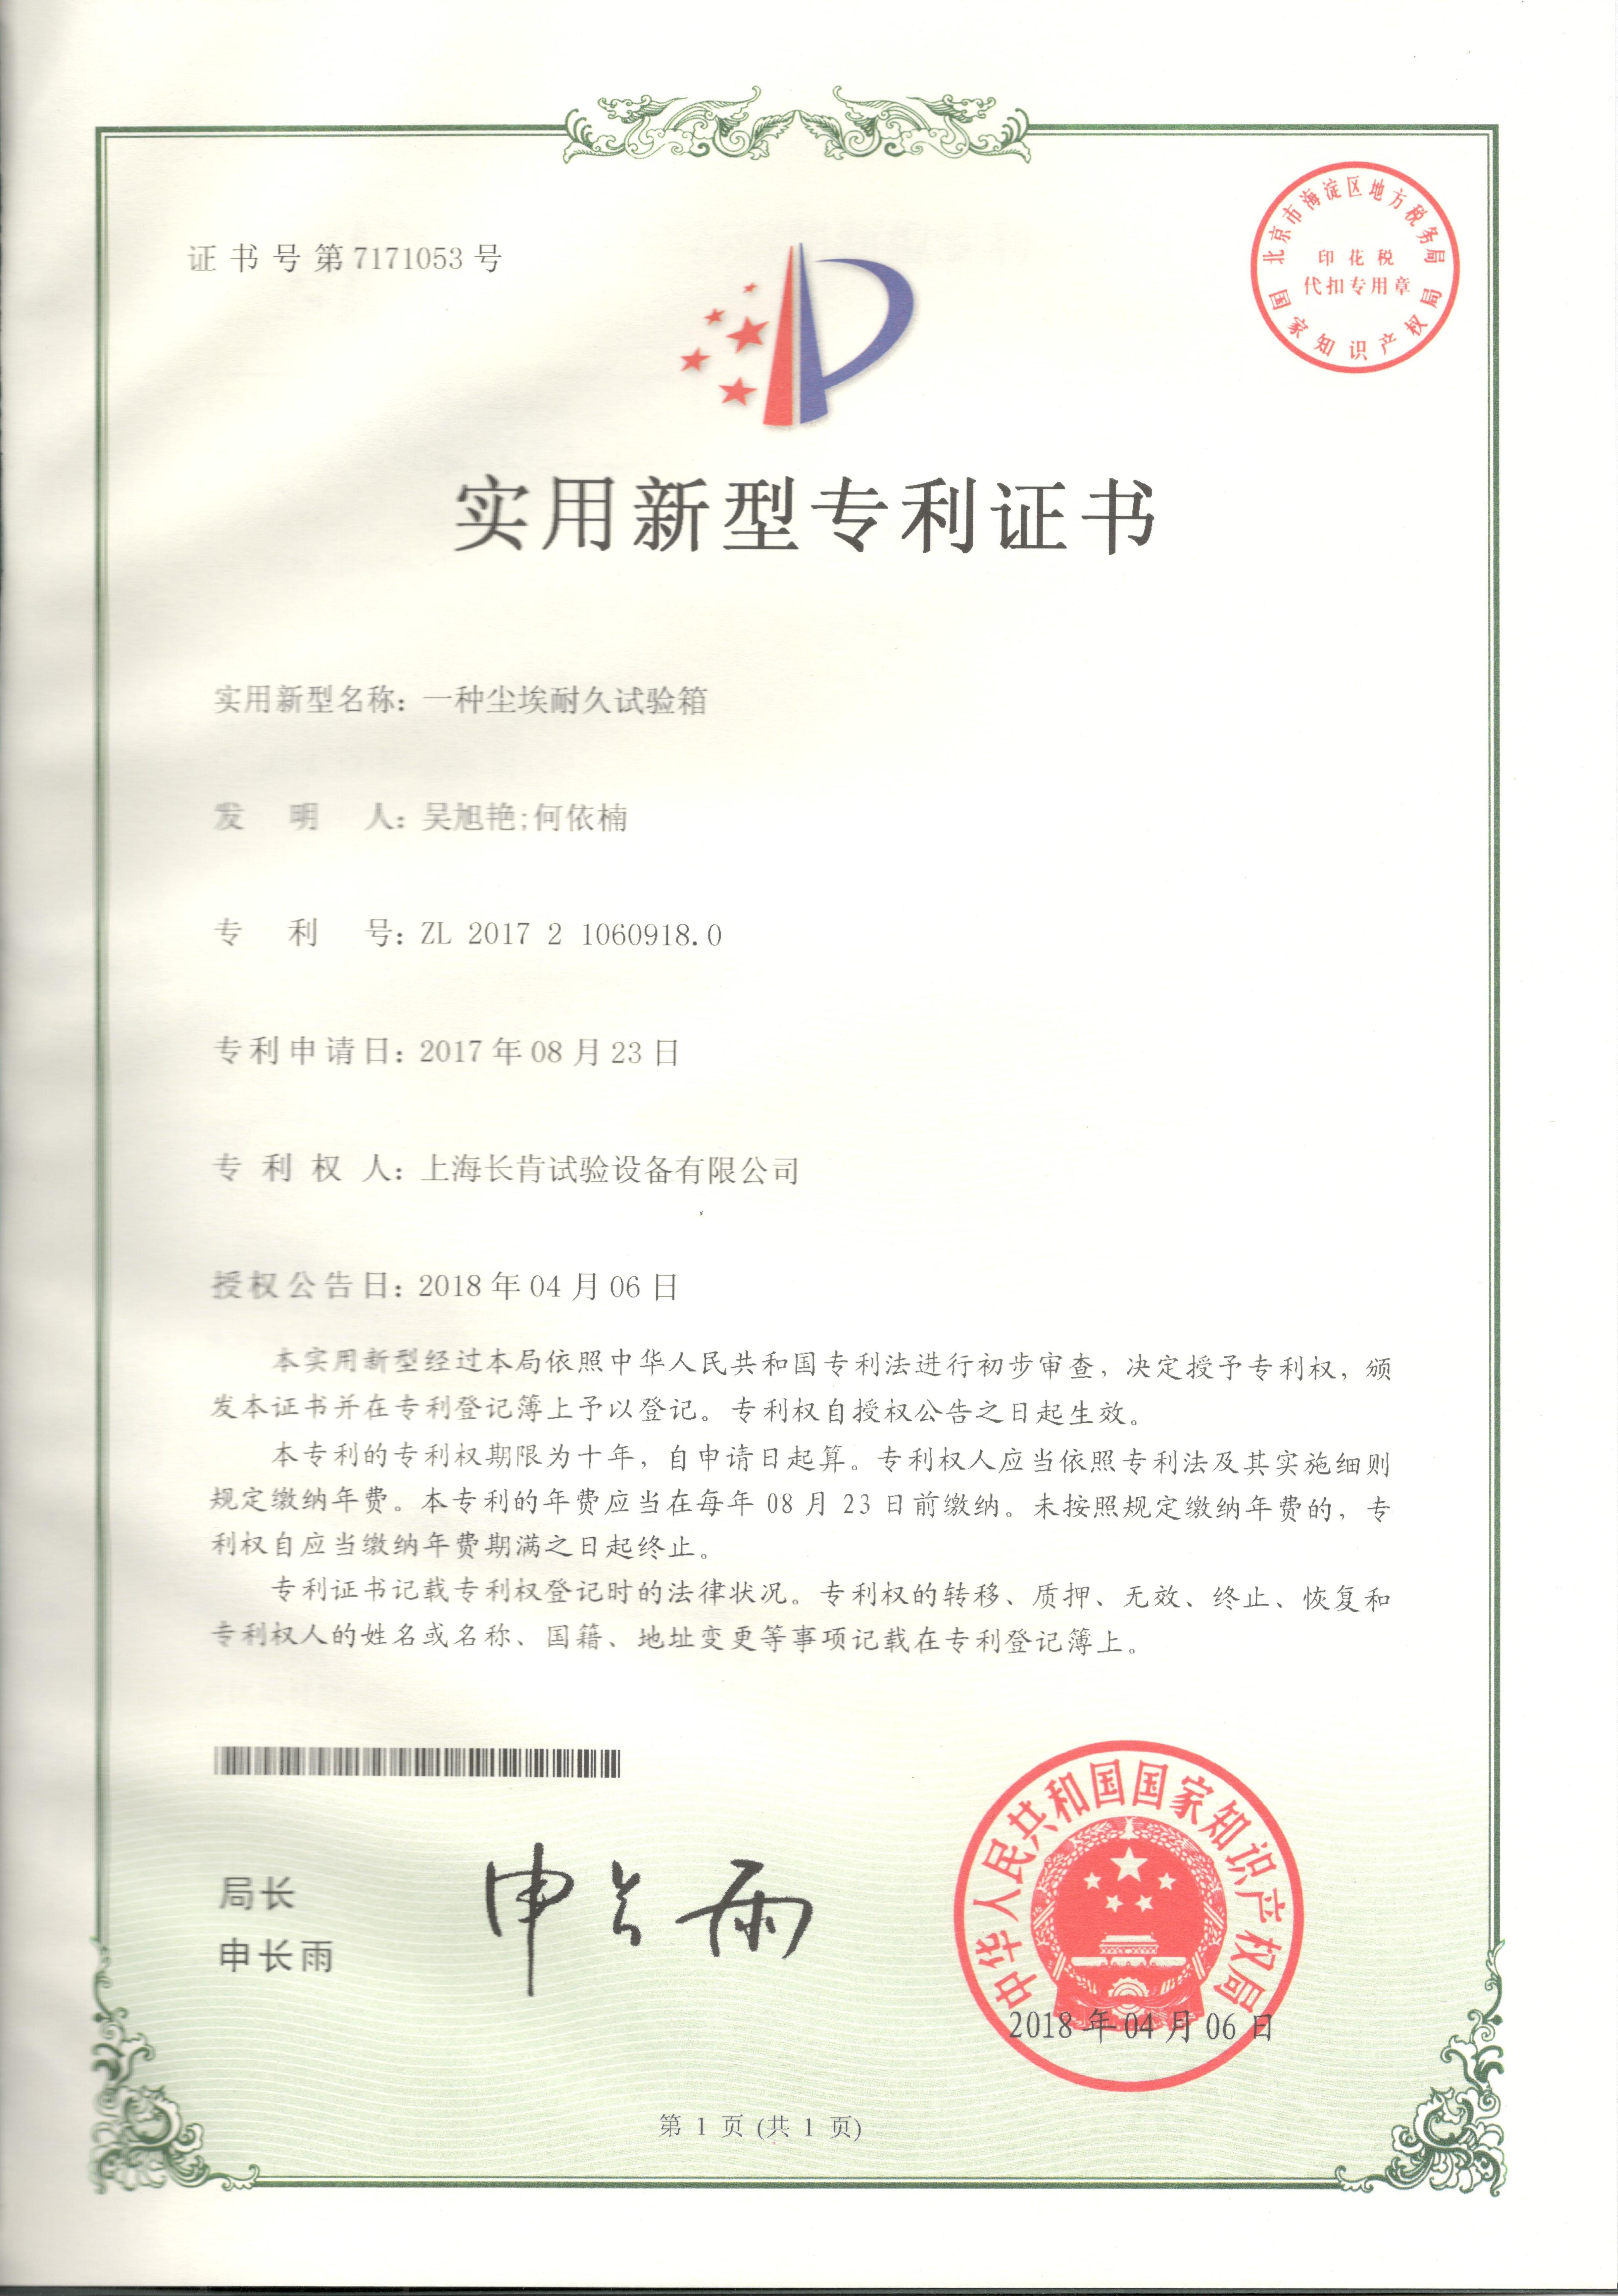 專利證書-4更新